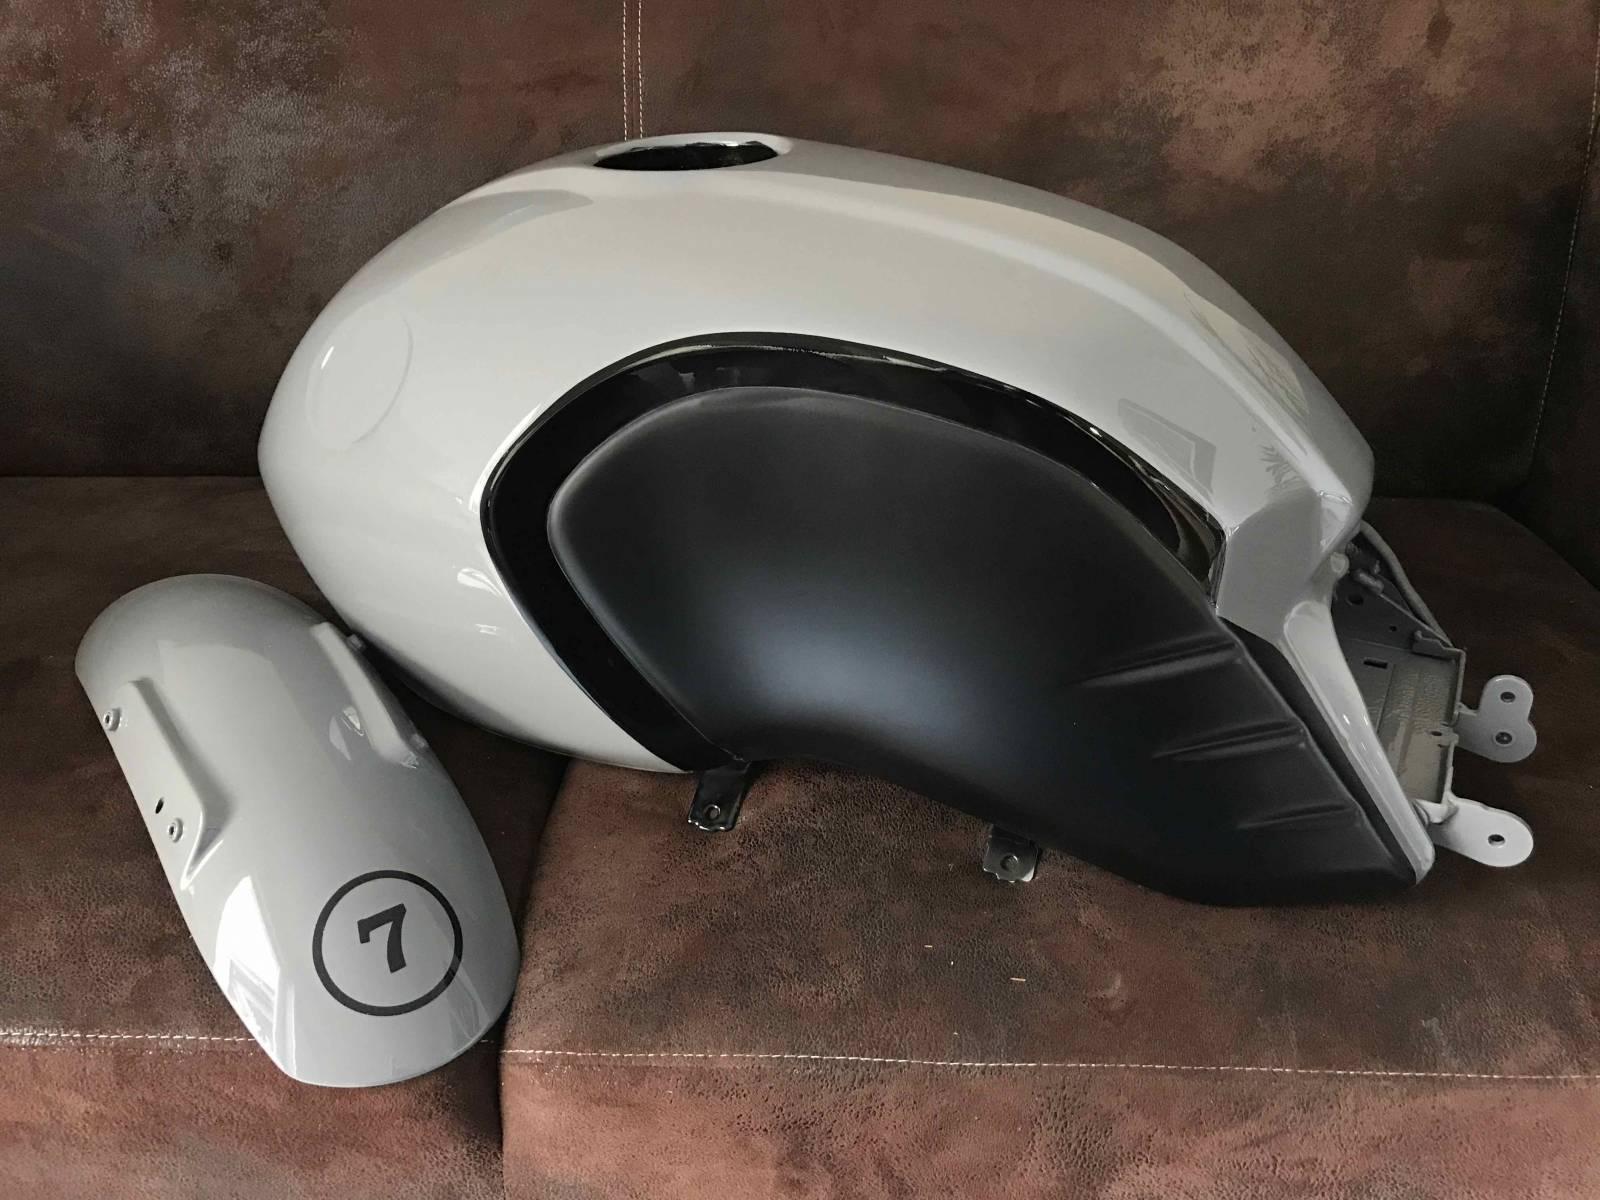 peinture r servoir nine t peinture personnalis e pour moto la ciotat harley davidson l. Black Bedroom Furniture Sets. Home Design Ideas